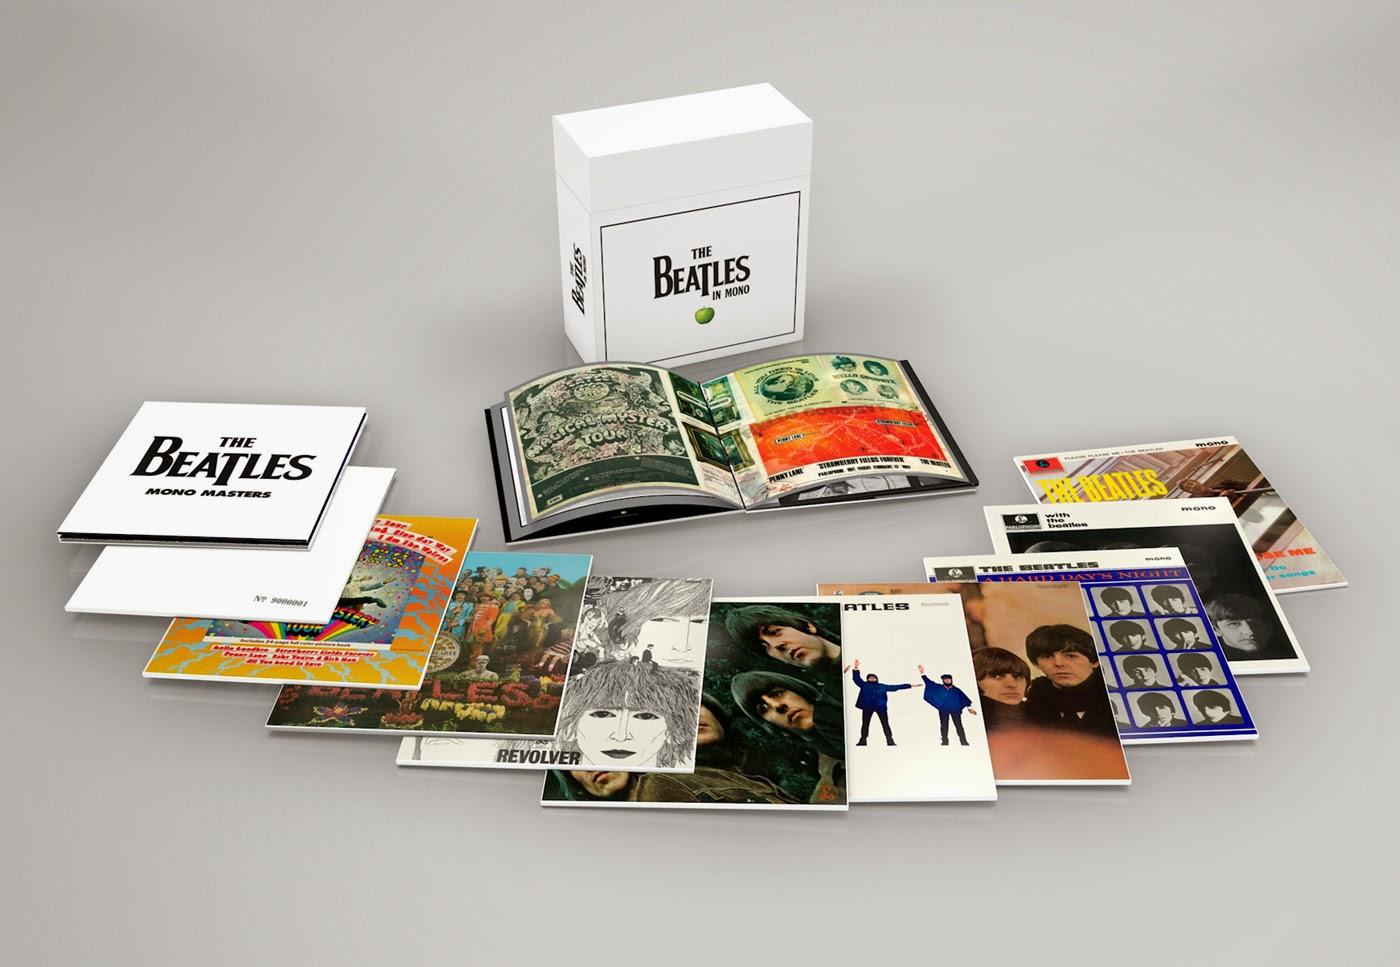 リマスターしなおした「the Beatles In Mono」アナログlp盤2014年9月発売 甲虫楽団ブログ